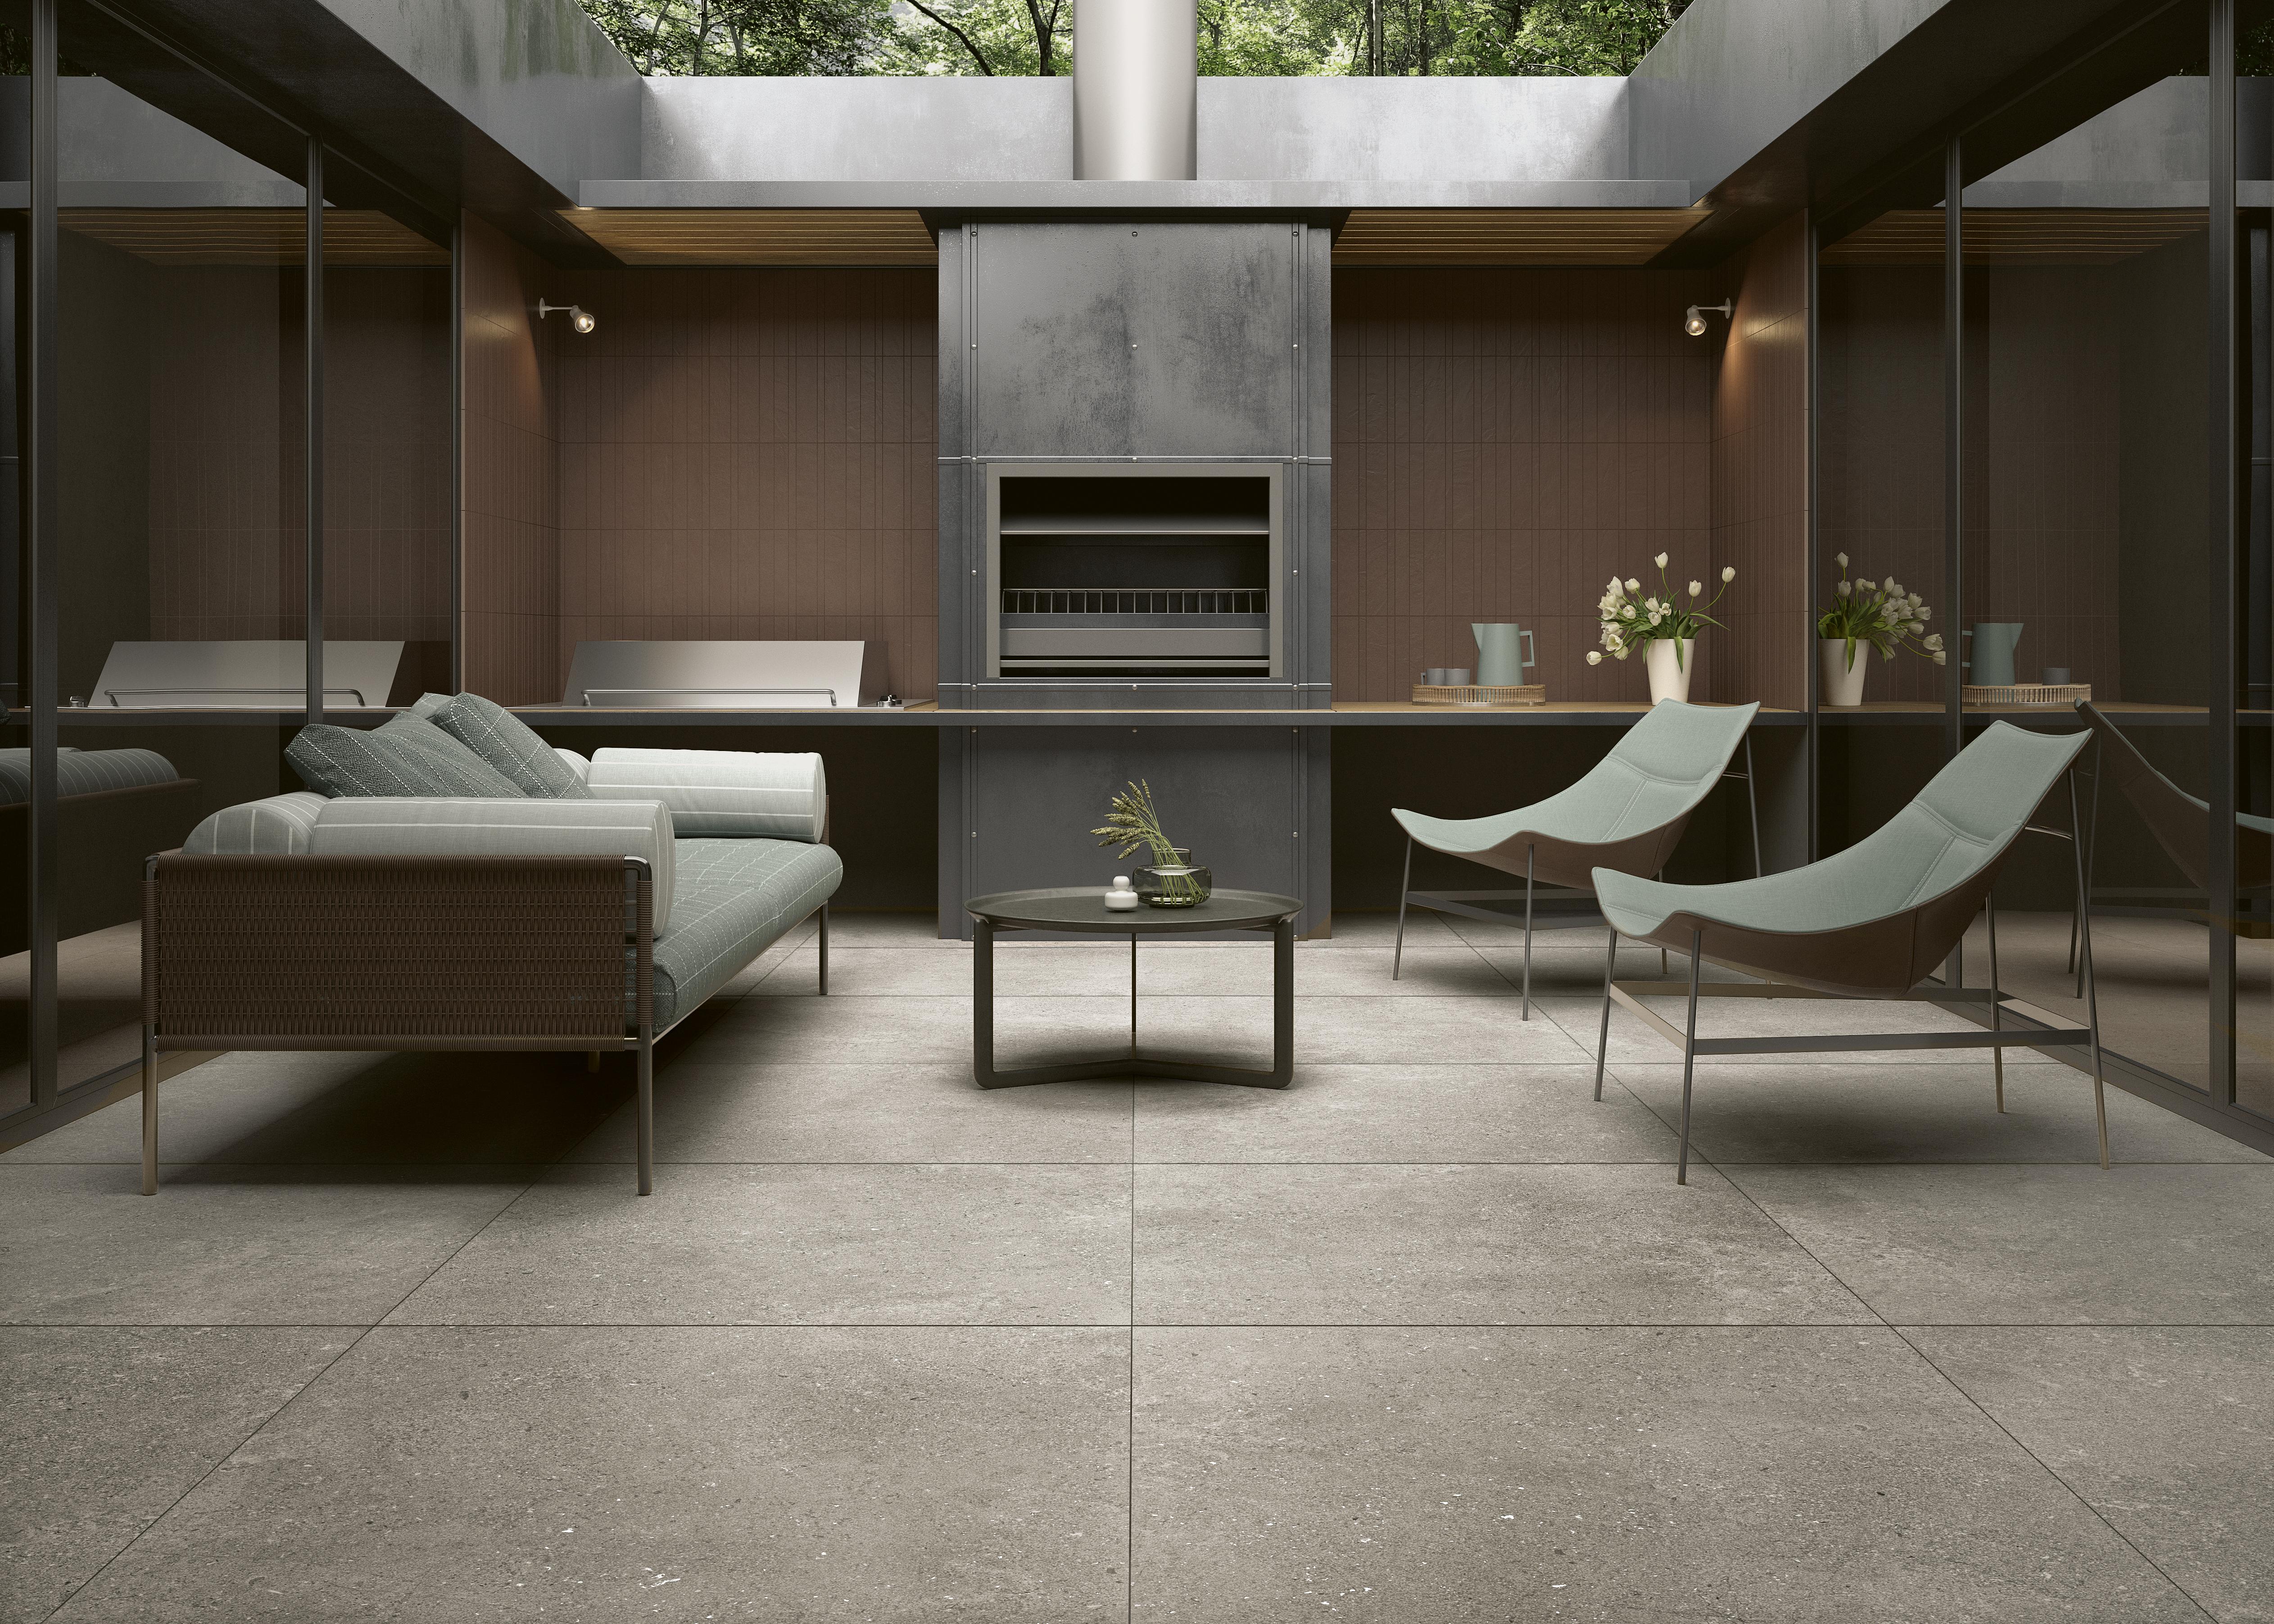 beige Steinoptik Fliesen auf der Terrasse, beige stone effect tiles in the patio